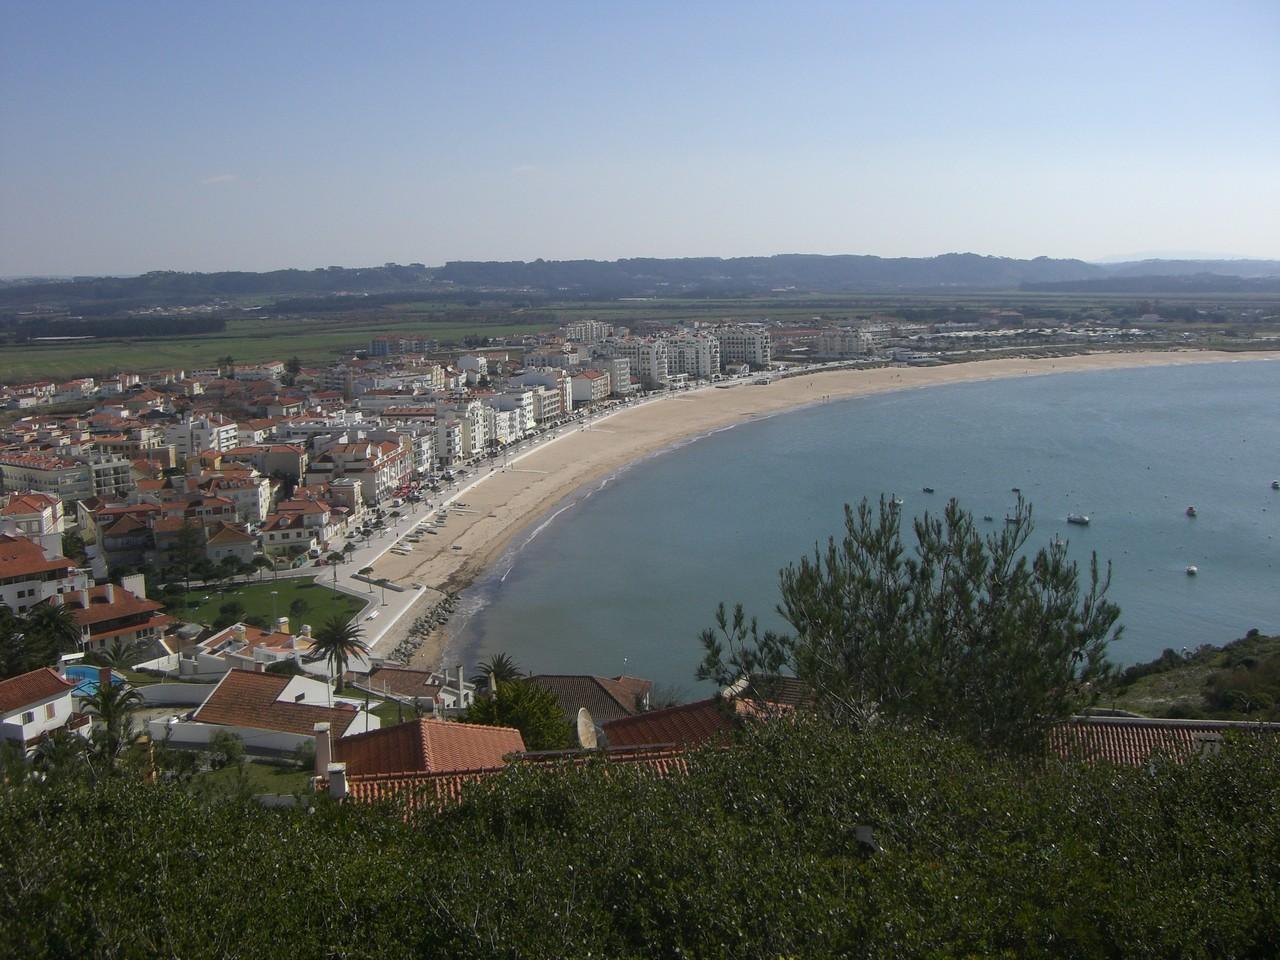 Der Strand von Sao Martinho do Porto, Ferienwohnung in Portugal mieten.